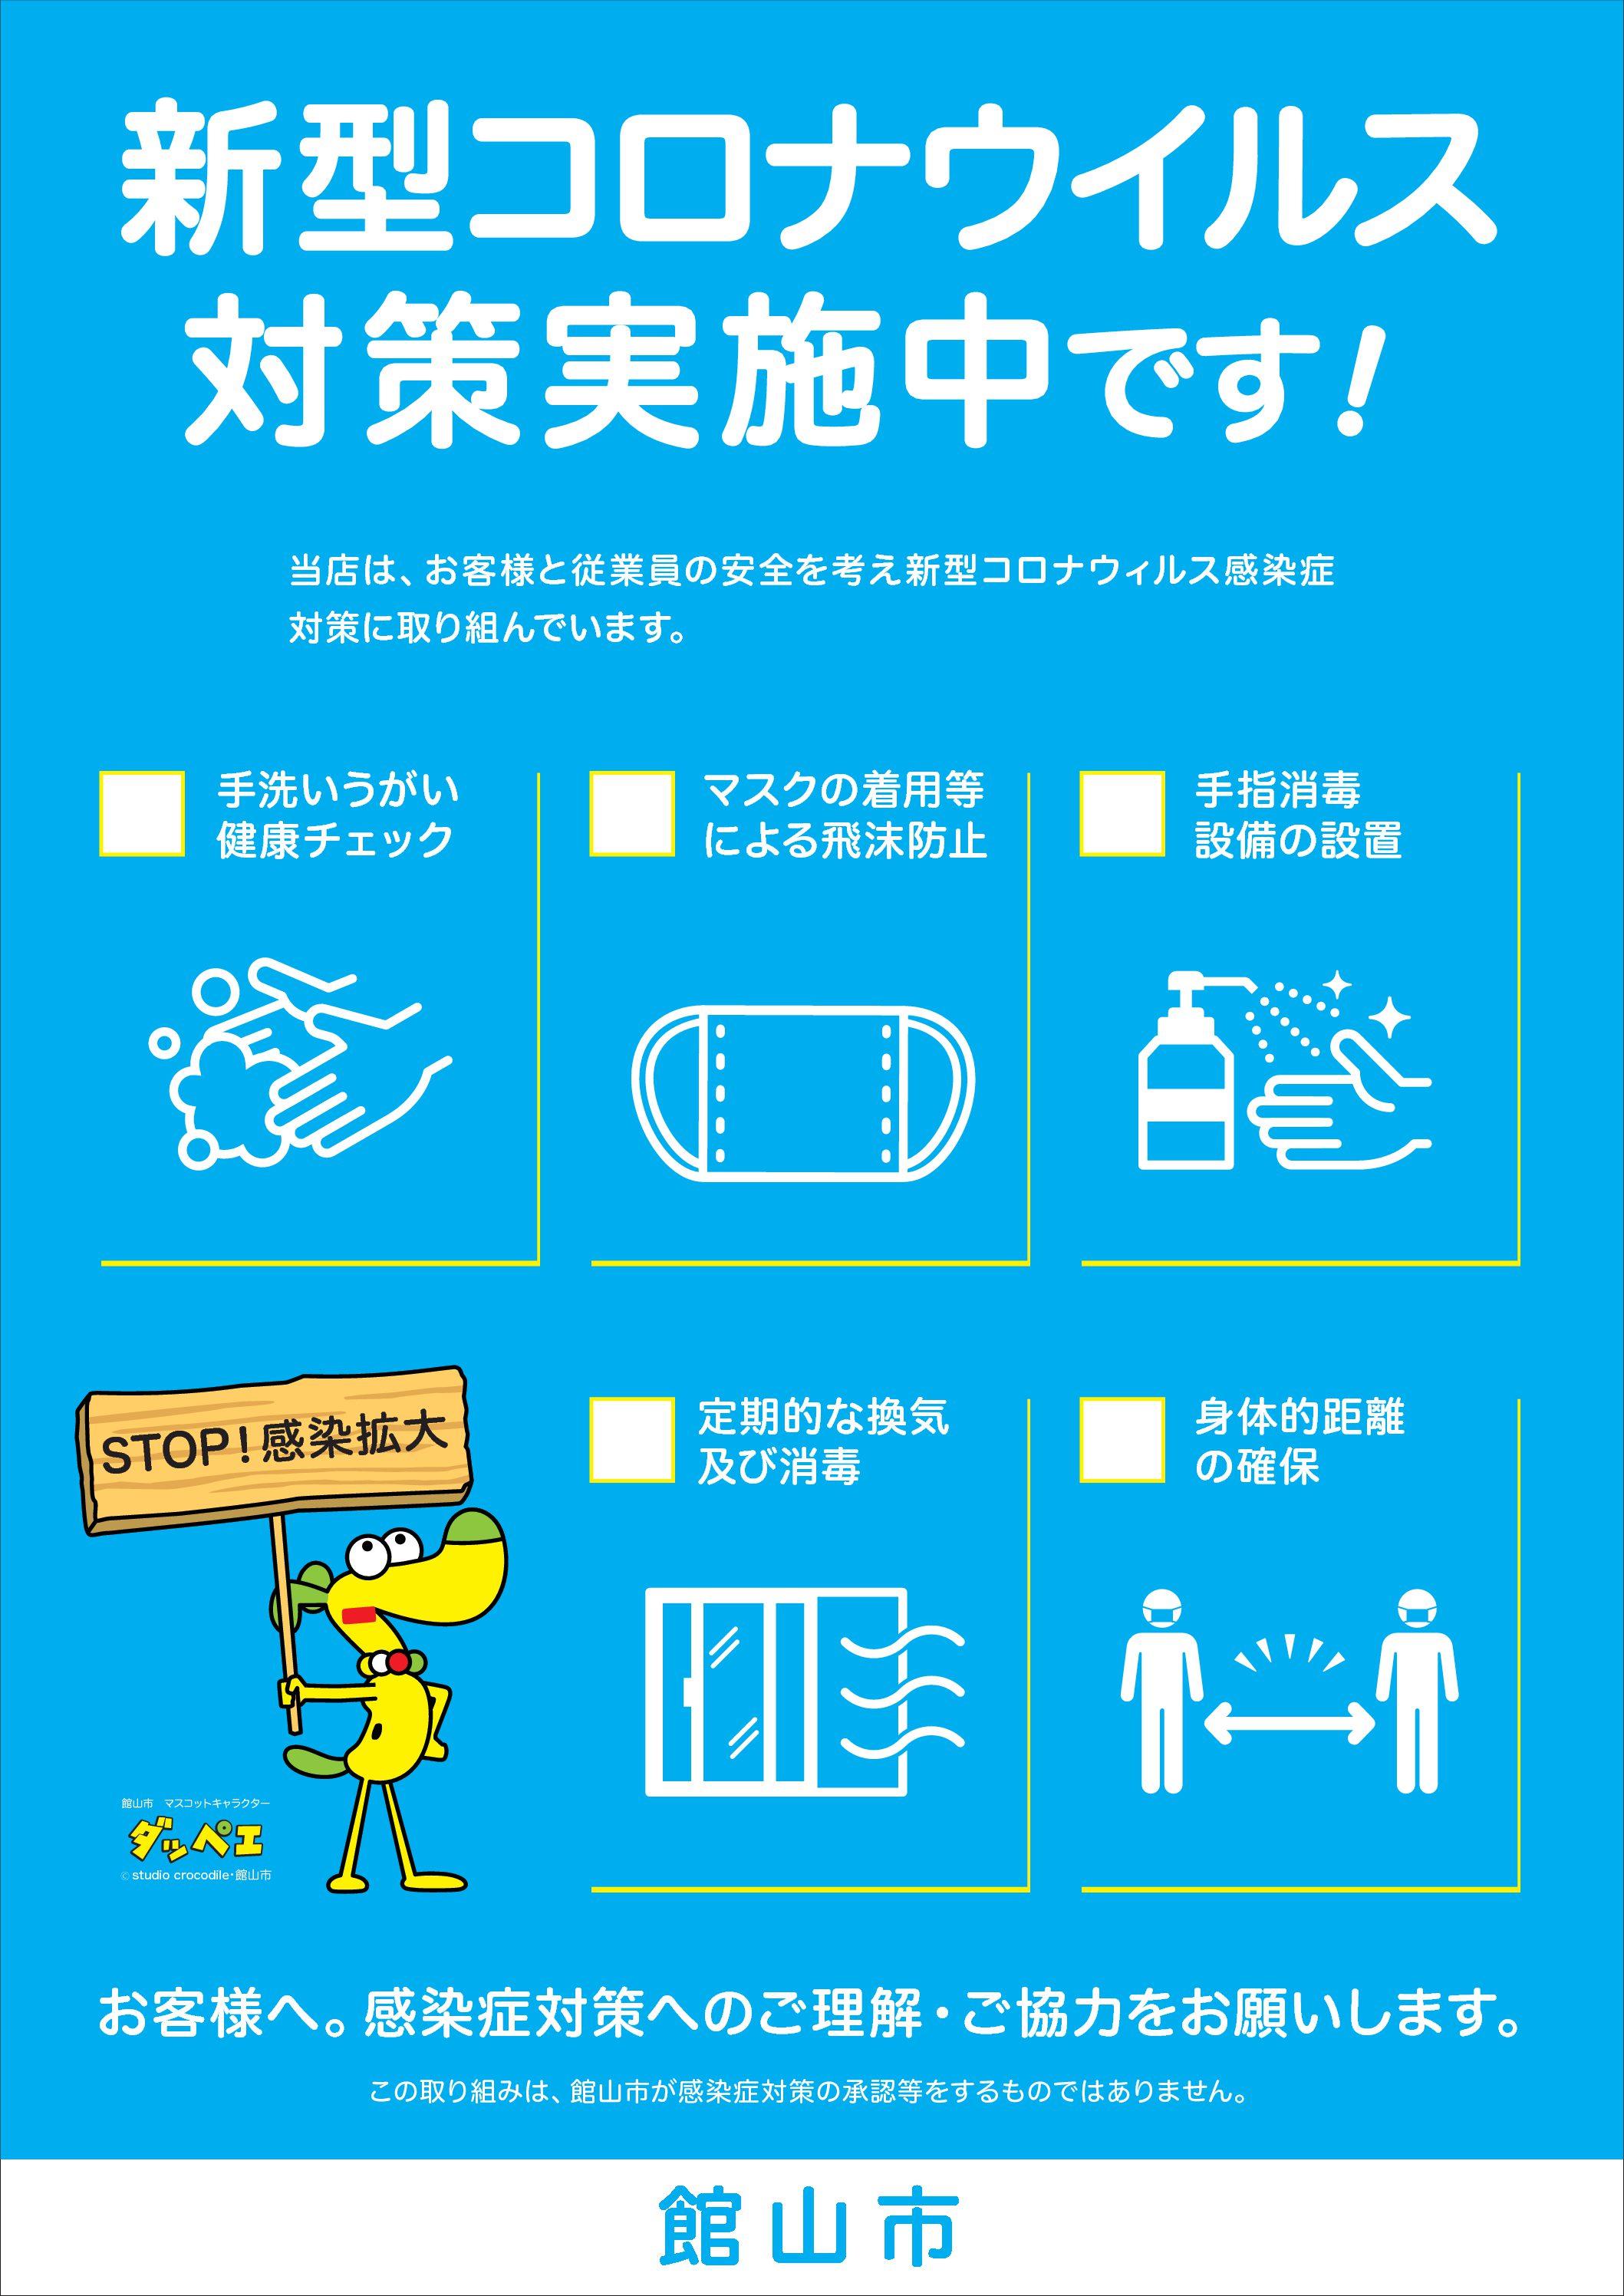 千葉 県 館山 市 コロナ 感染 者 新型コロナウイルス感染症について/千葉県